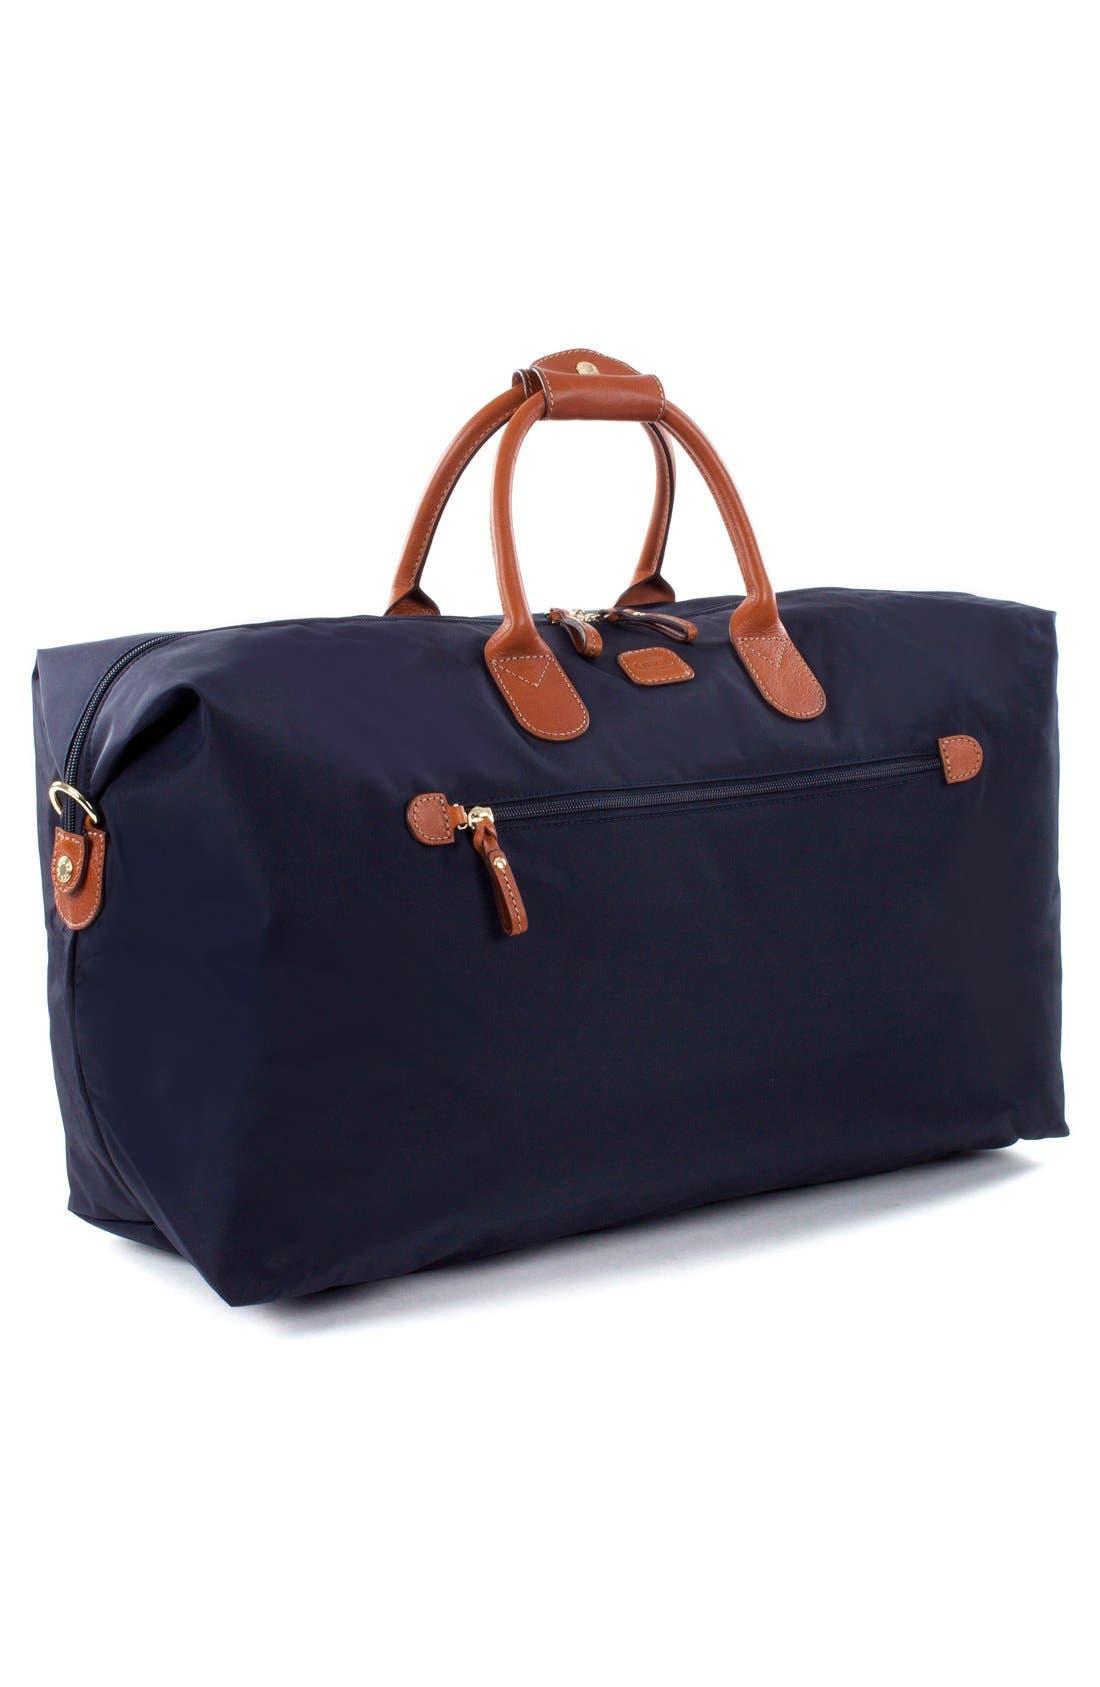 'X-Bag Deluxe' Duffel Bag,                             Alternate thumbnail 6, color,